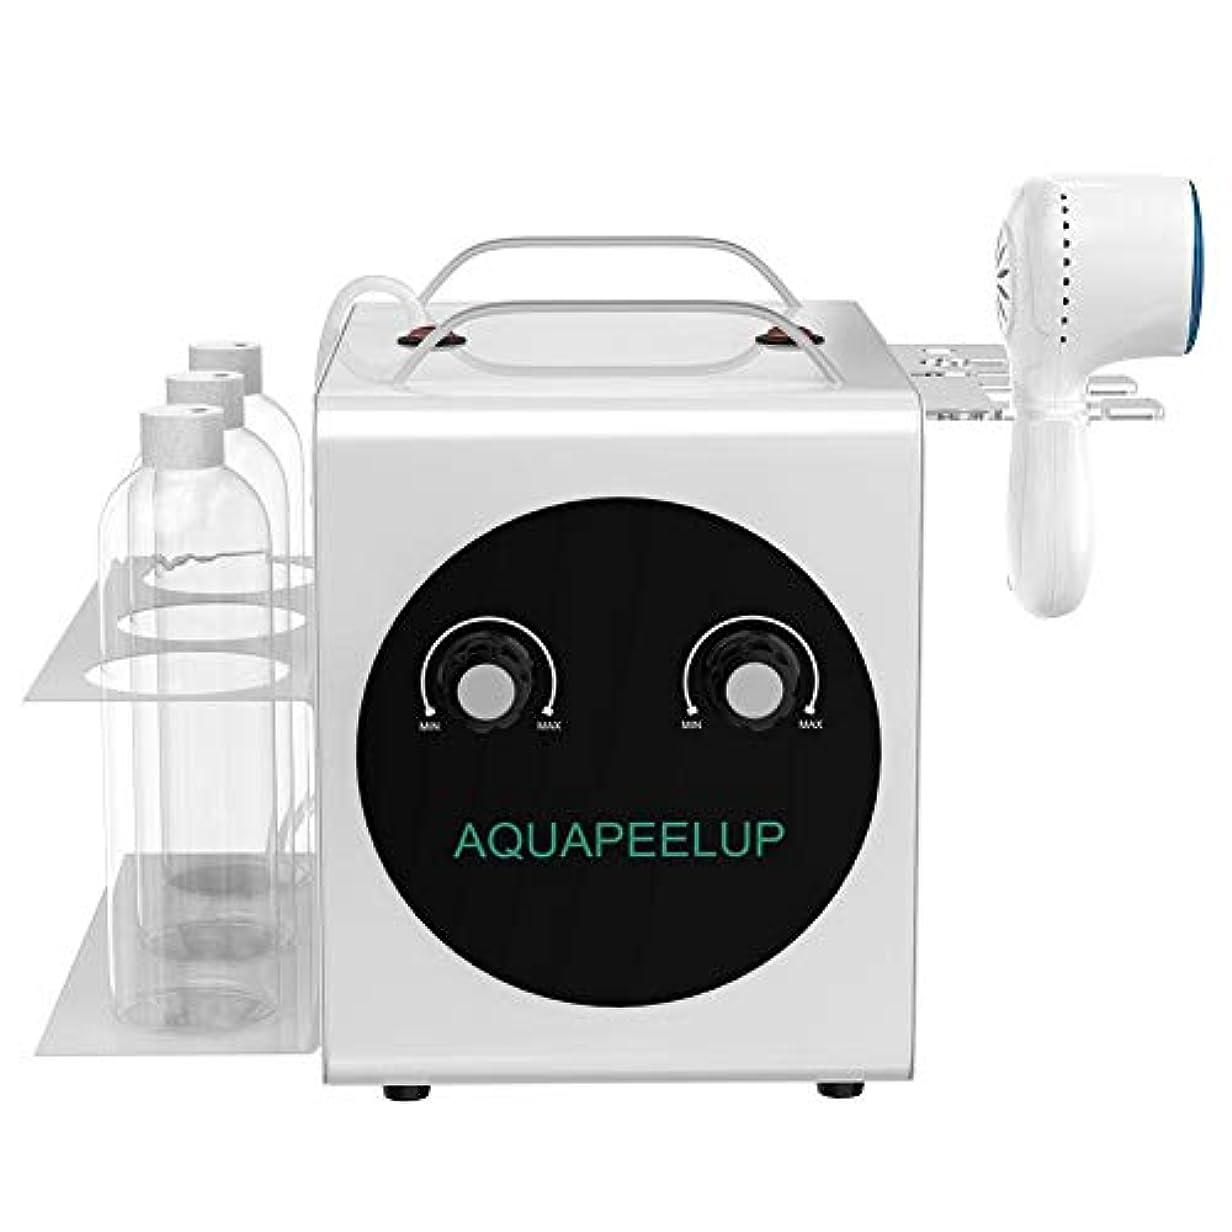 うぬぼれ返還画面酸素注入機、効果的に深い気泡と滑らかなしわ、白くなり柔らかい毛穴の洗浄機(US-PLUG)